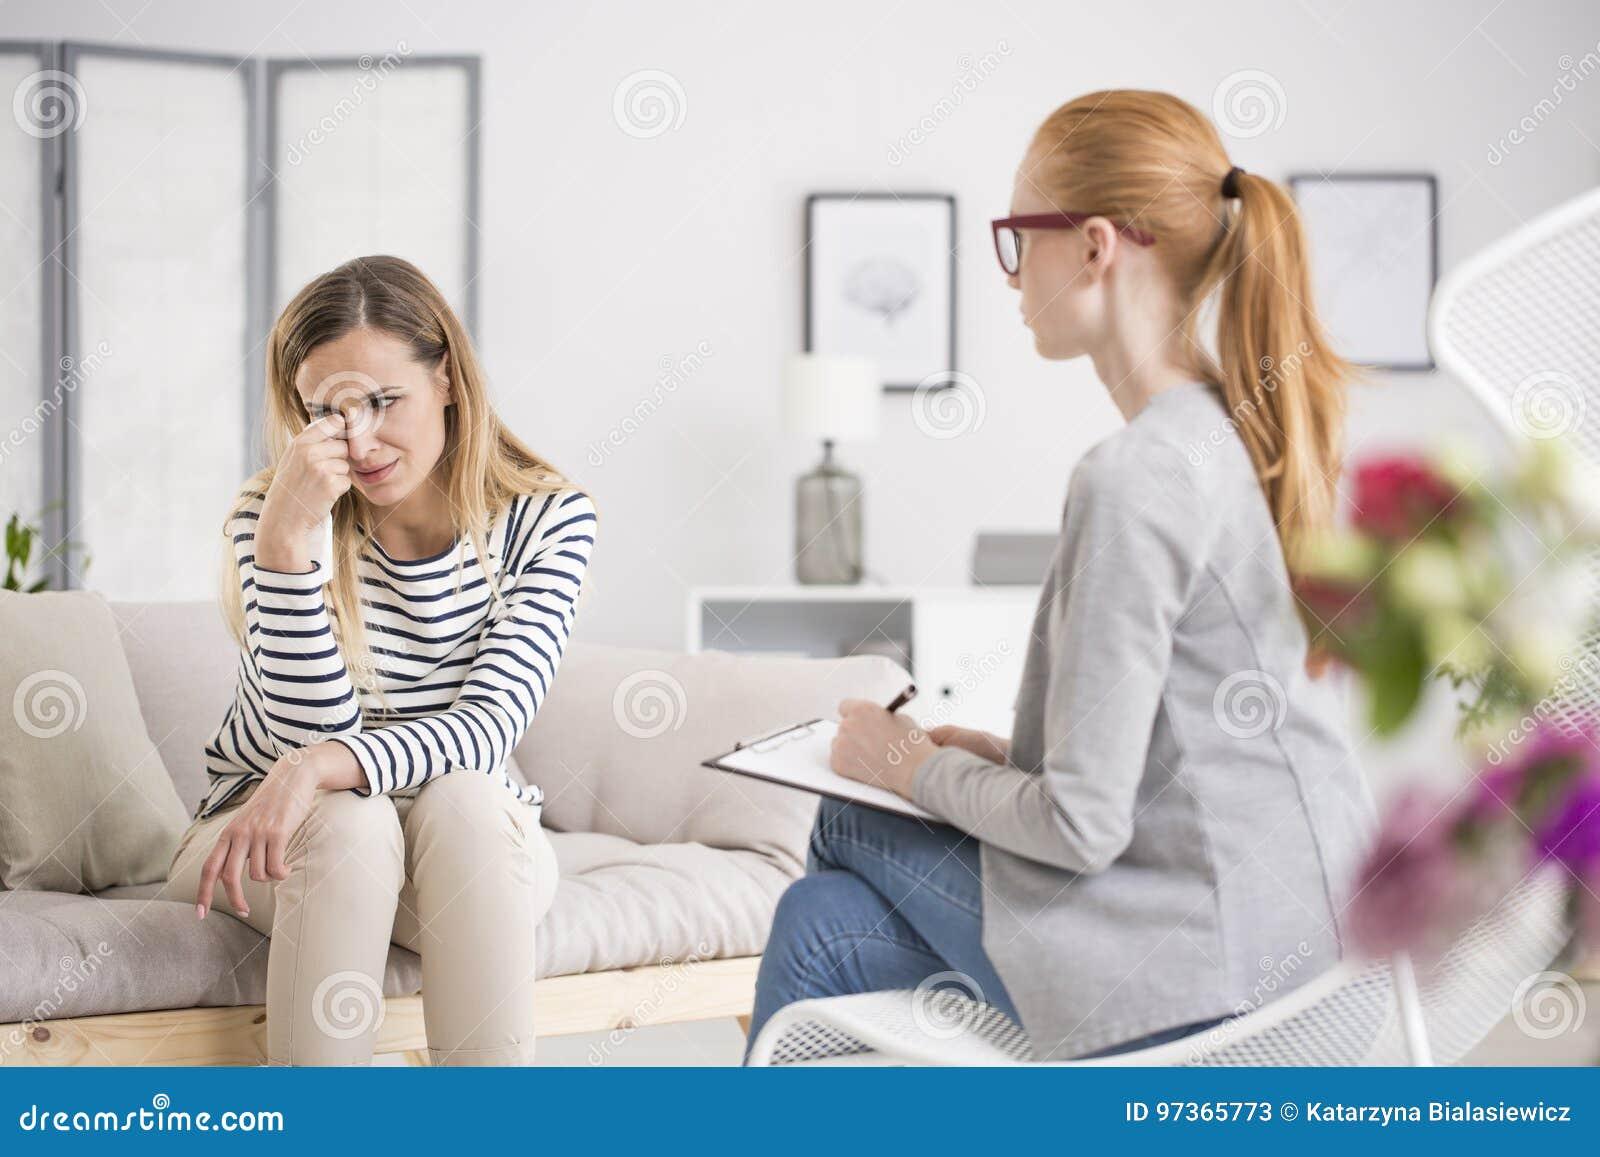 Nieszczęśliwy kobiety cierpienie od depresji